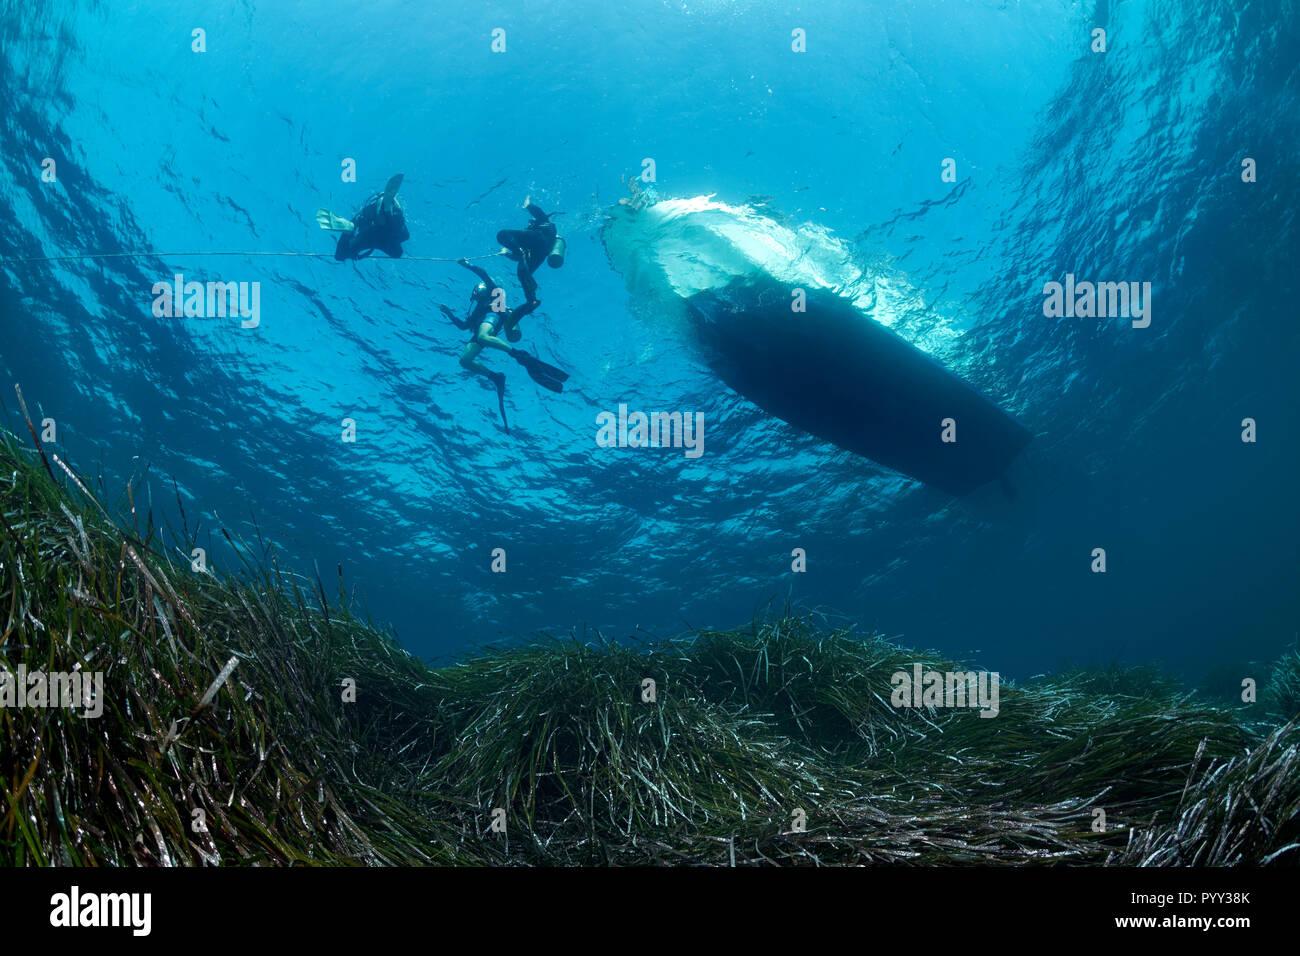 I subacquei dive sulla corda, barca diving, Nettuno erba (Posidonia oceanica), mare Mediterraneo, Cipro del Sud, Cipro Immagini Stock